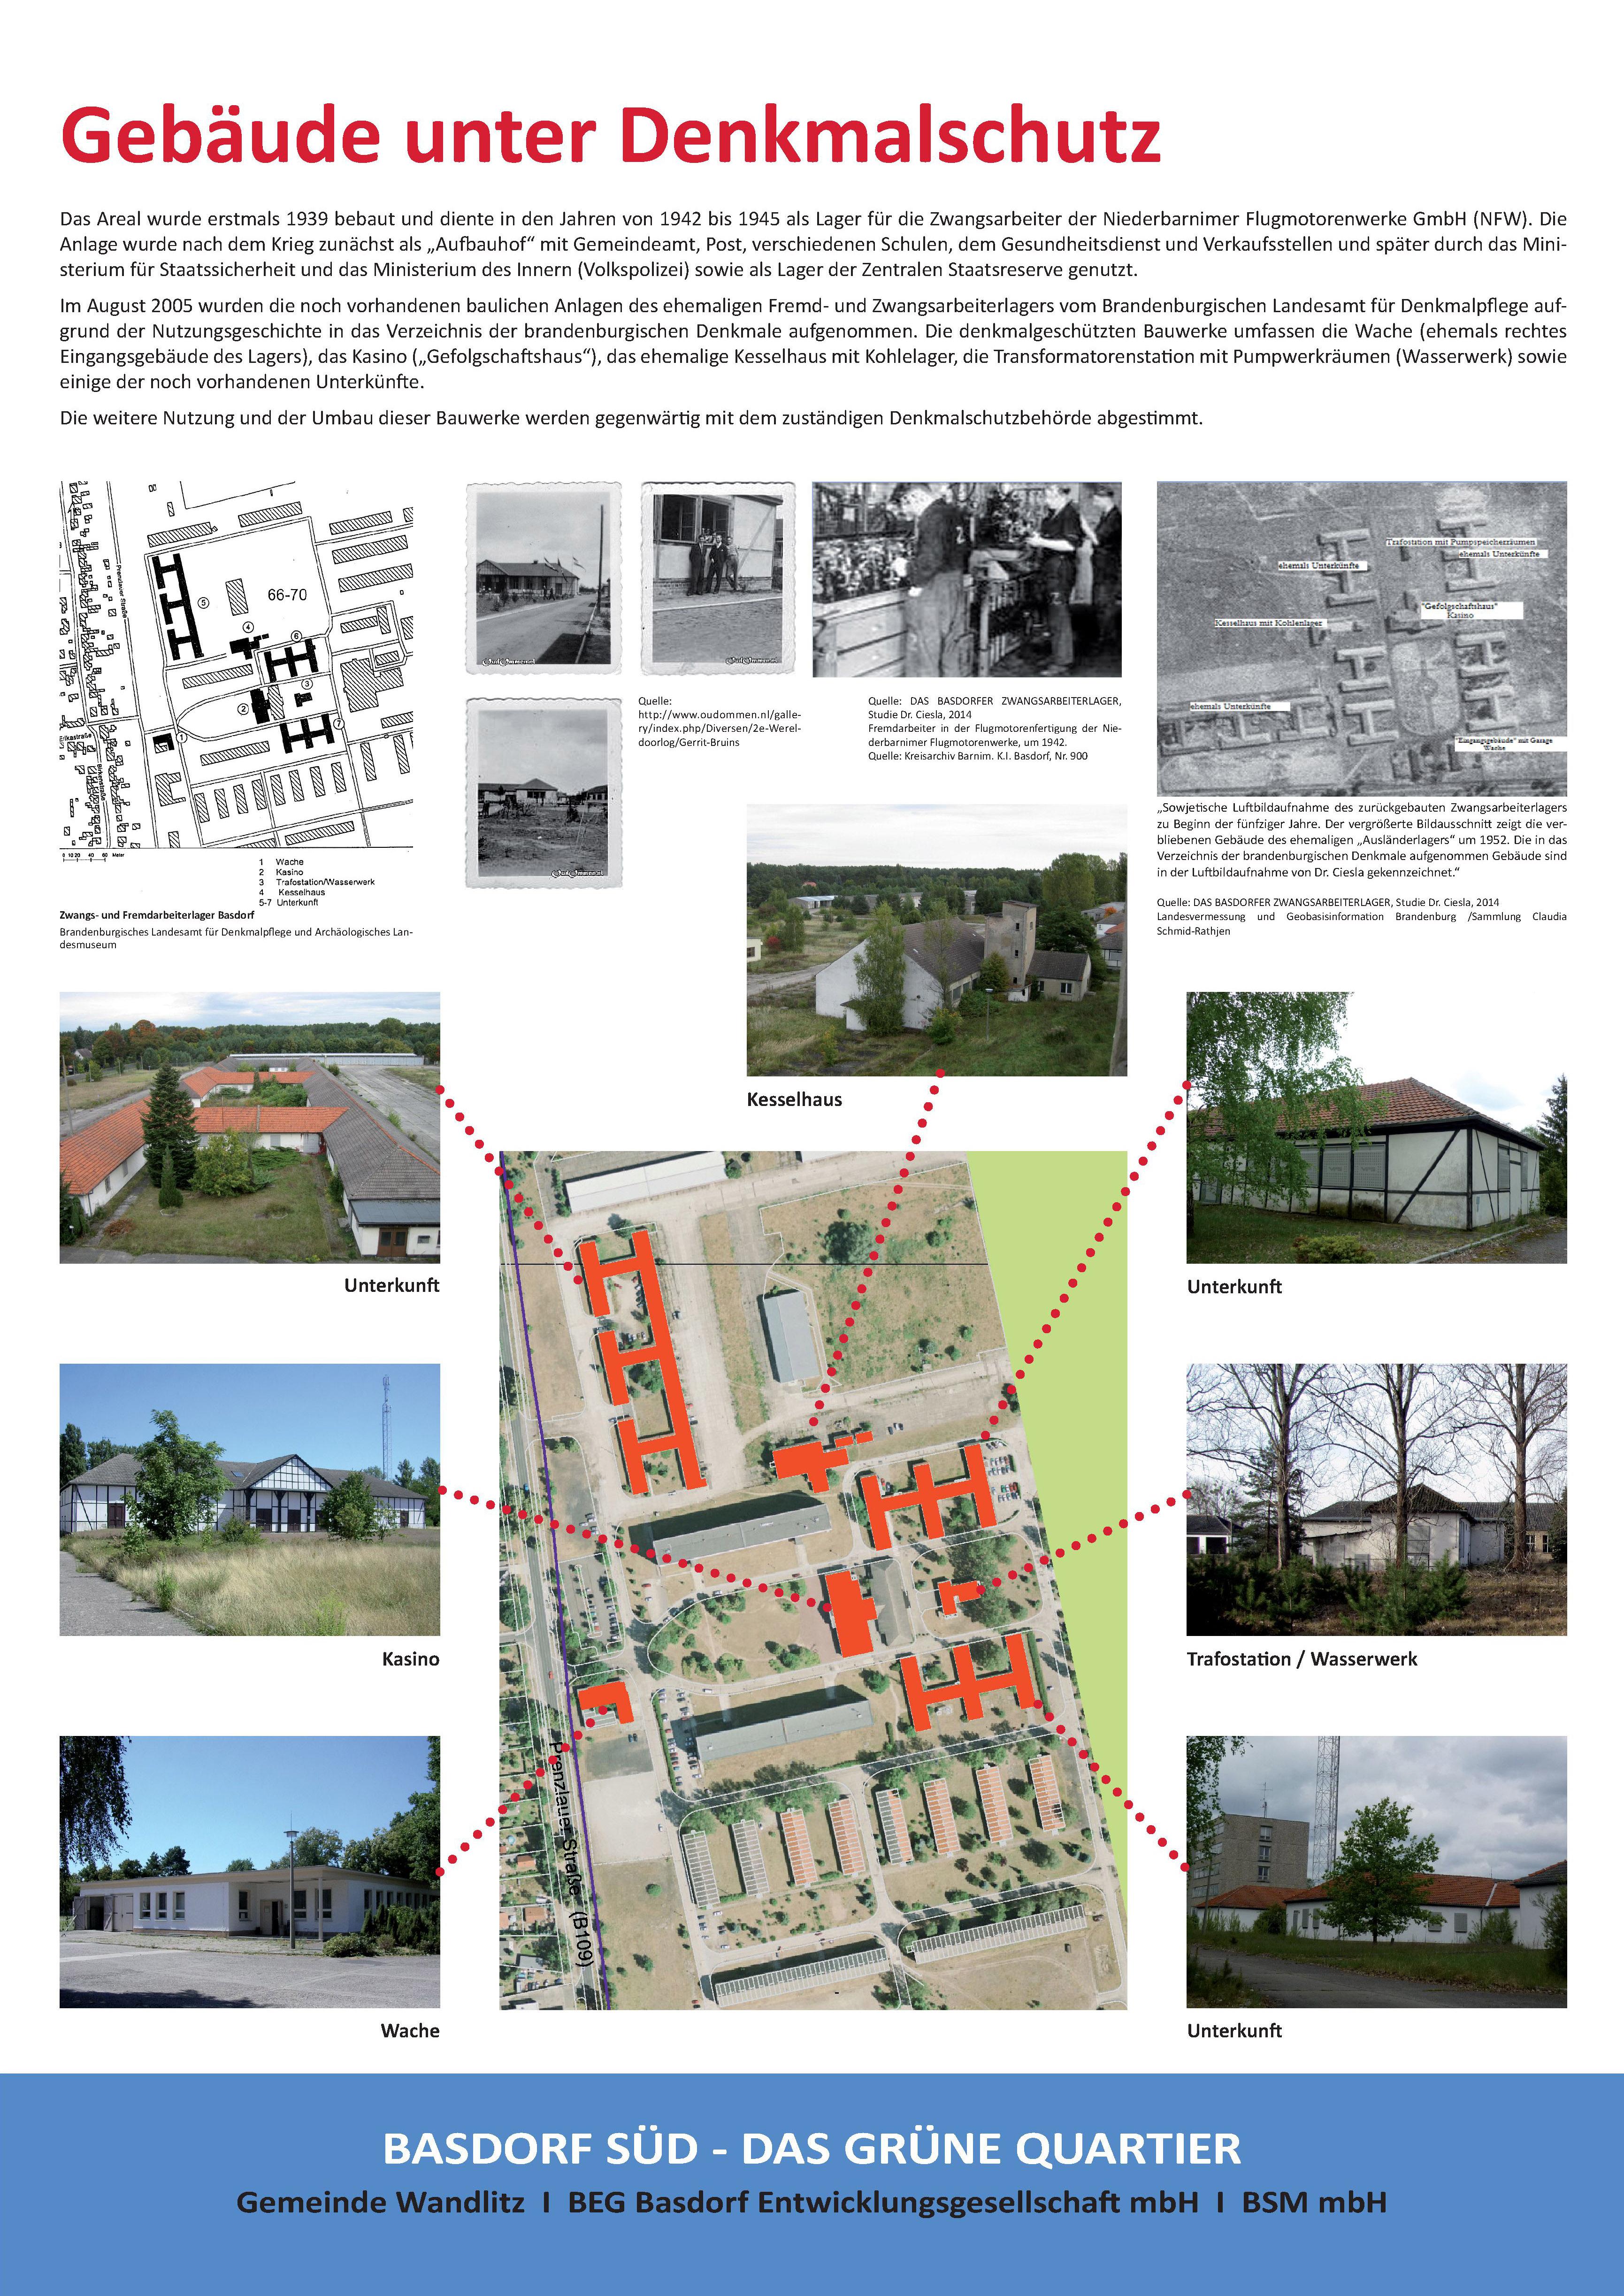 Gebäude unter Denkmalschutz